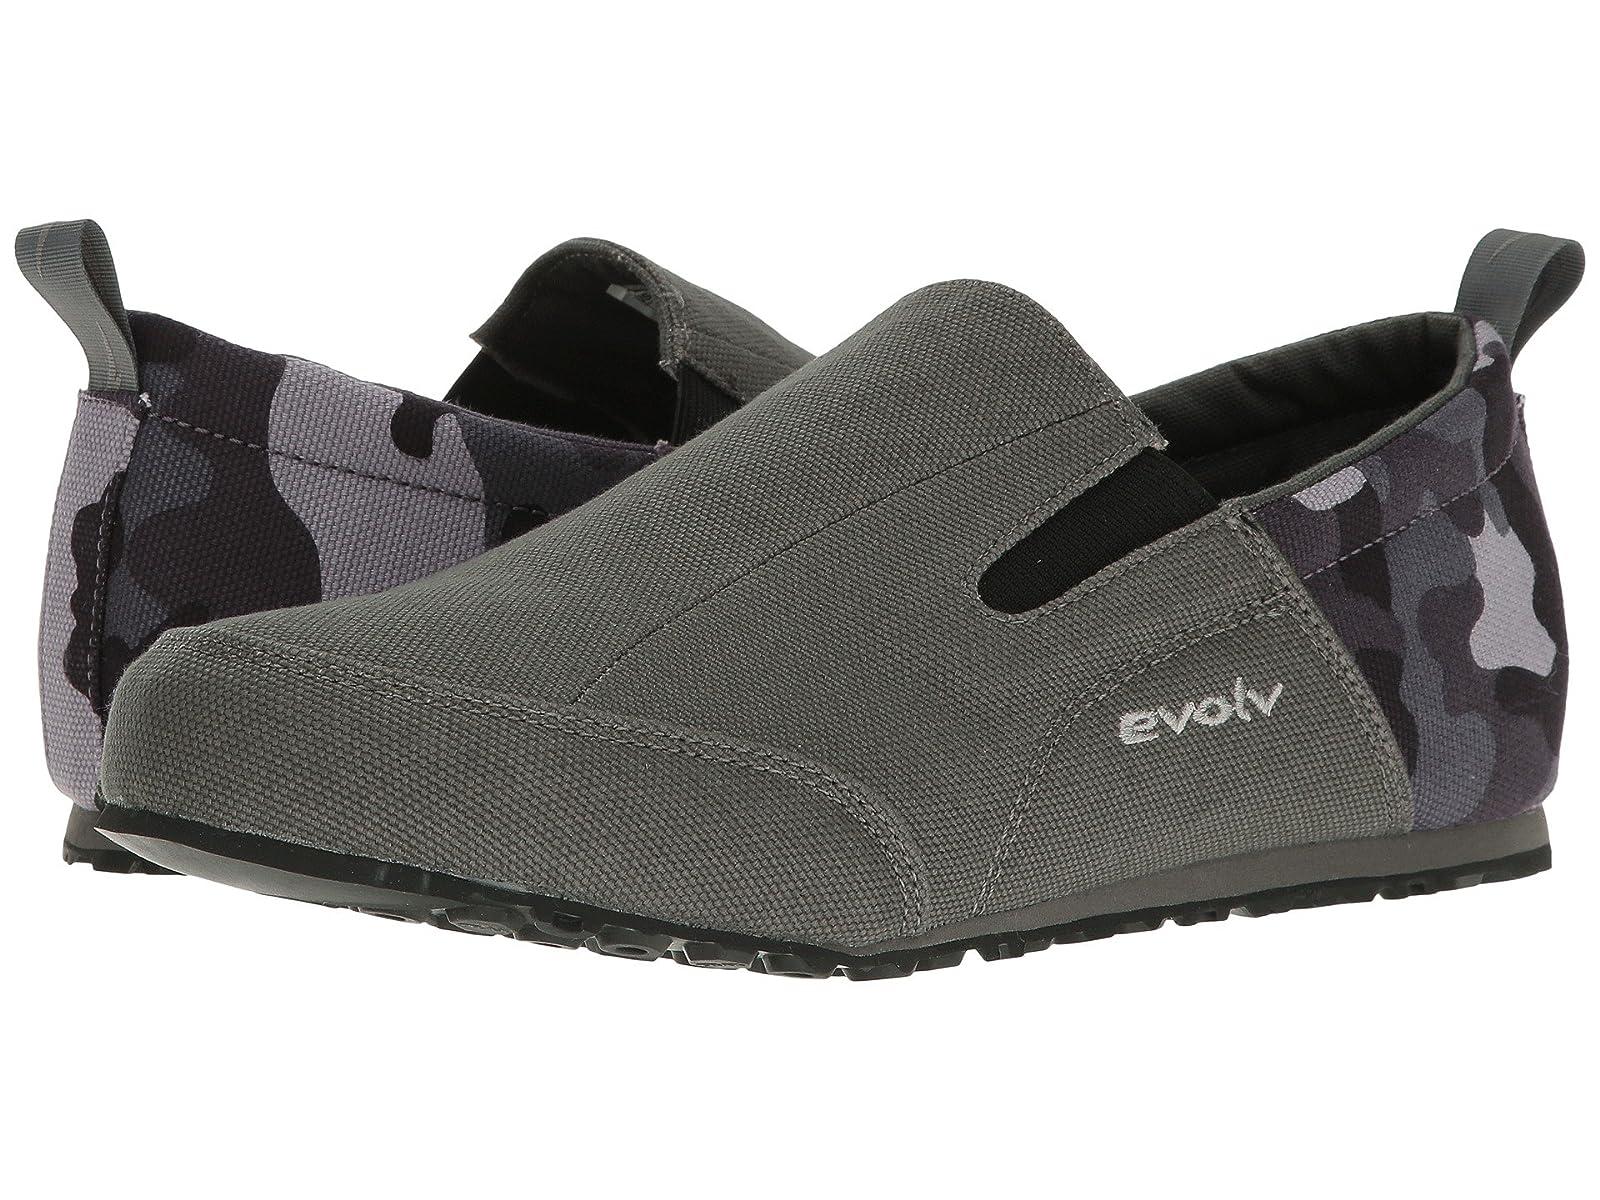 EVOLV Cruzer Slip-OnAtmospheric grades have affordable shoes